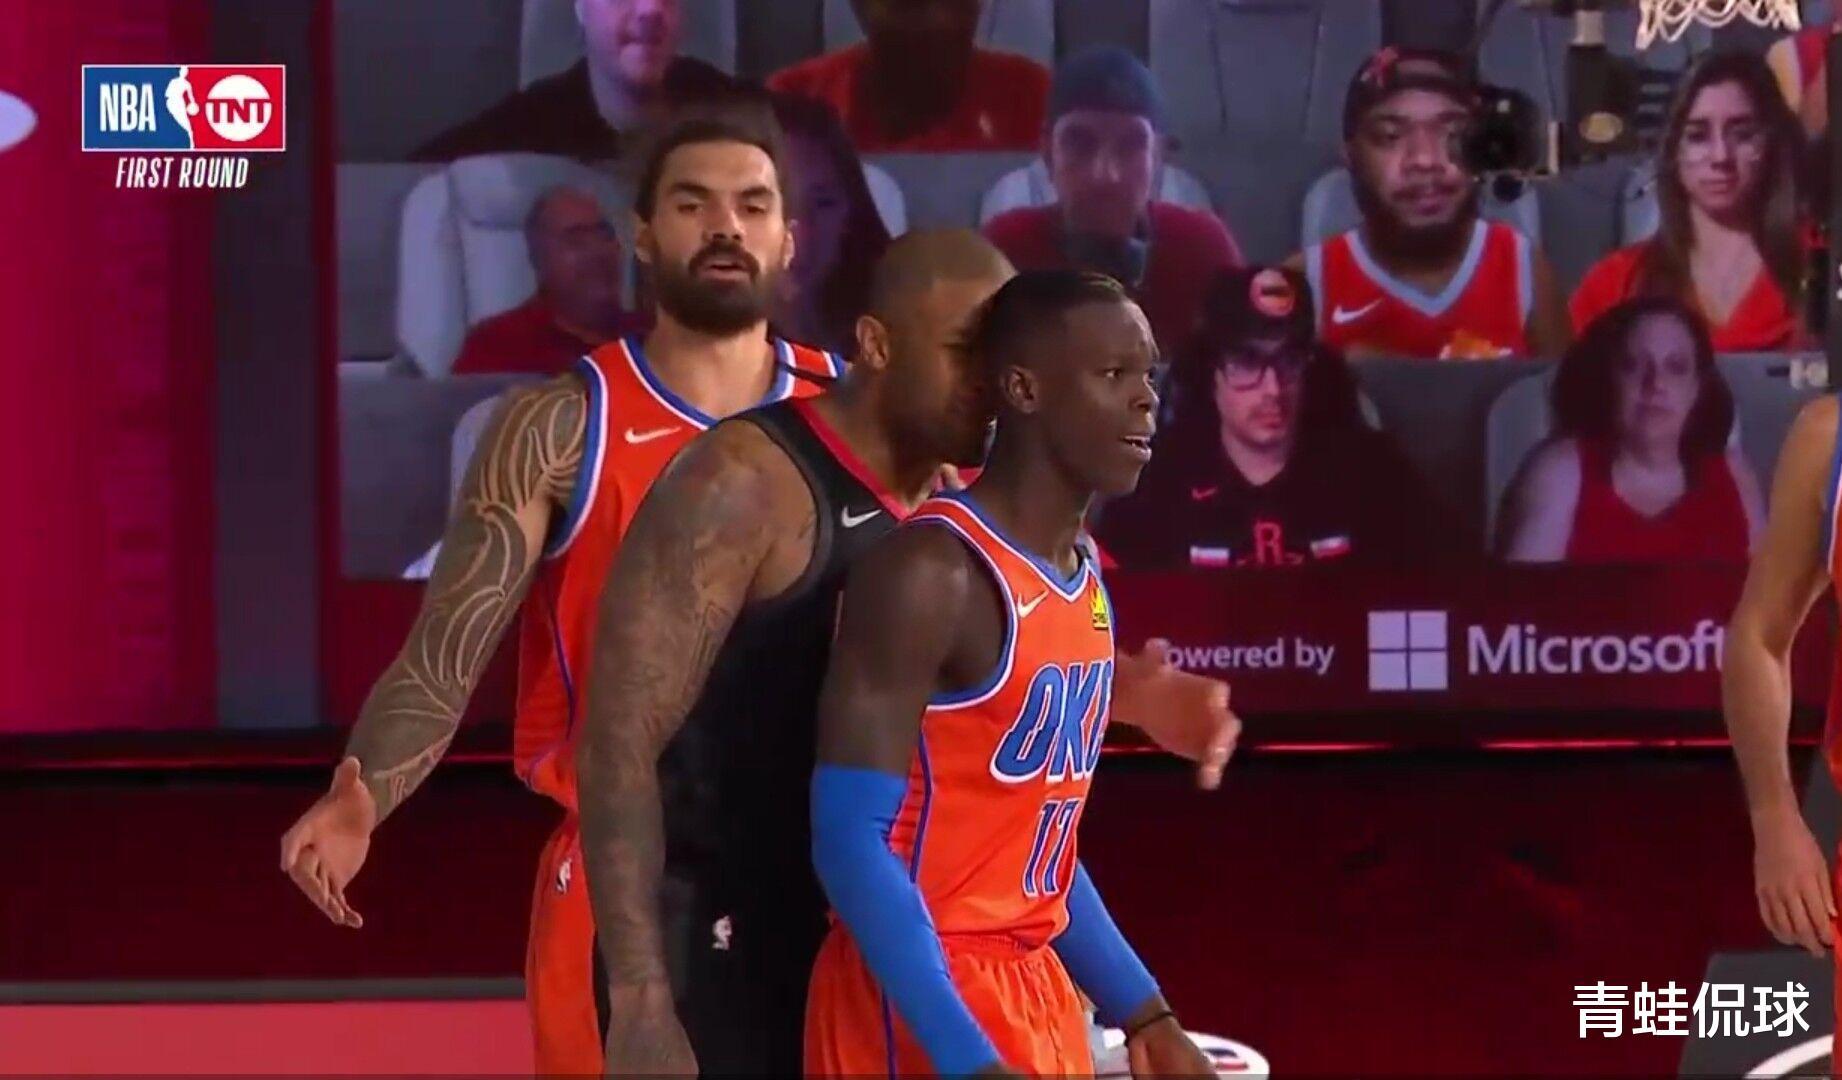 保罗又肘击神龟裆部,NBA忍无可忍播放保罗和施罗德袭裆集锦